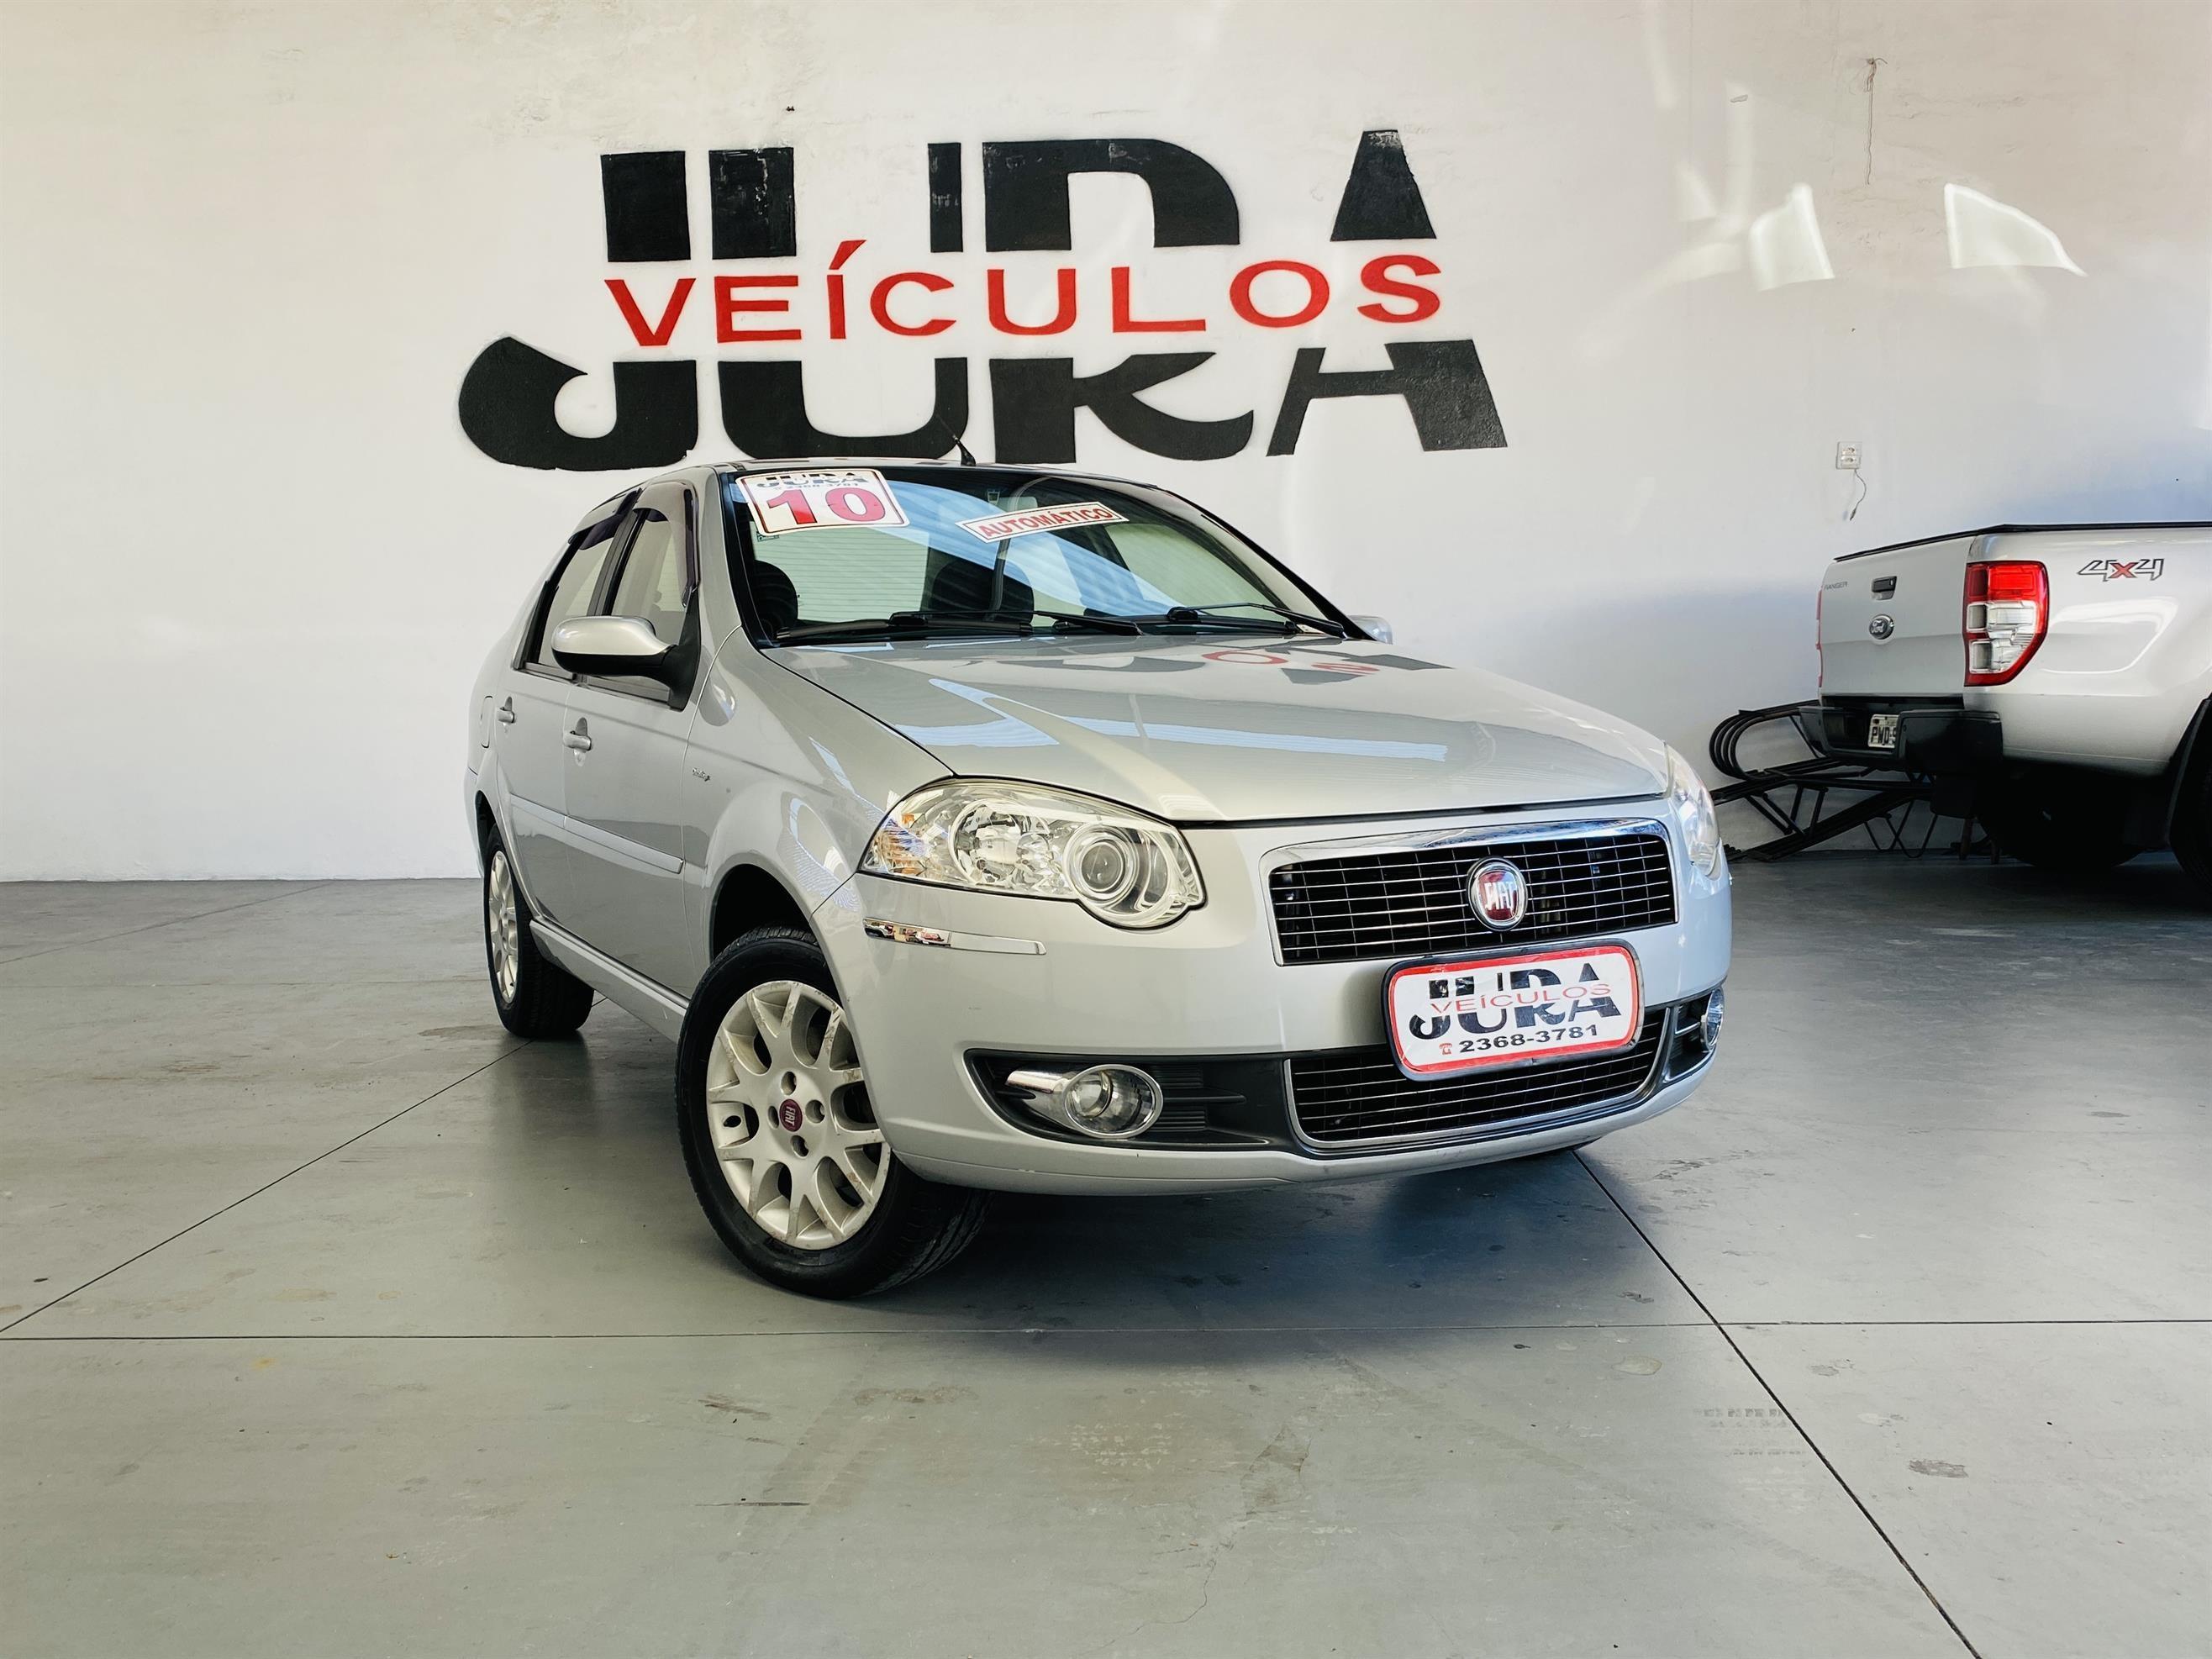 //www.autoline.com.br/carro/fiat/siena-18-hlx-8v-flex-4p-dualogic/2010/sao-paulo-sp/15253154